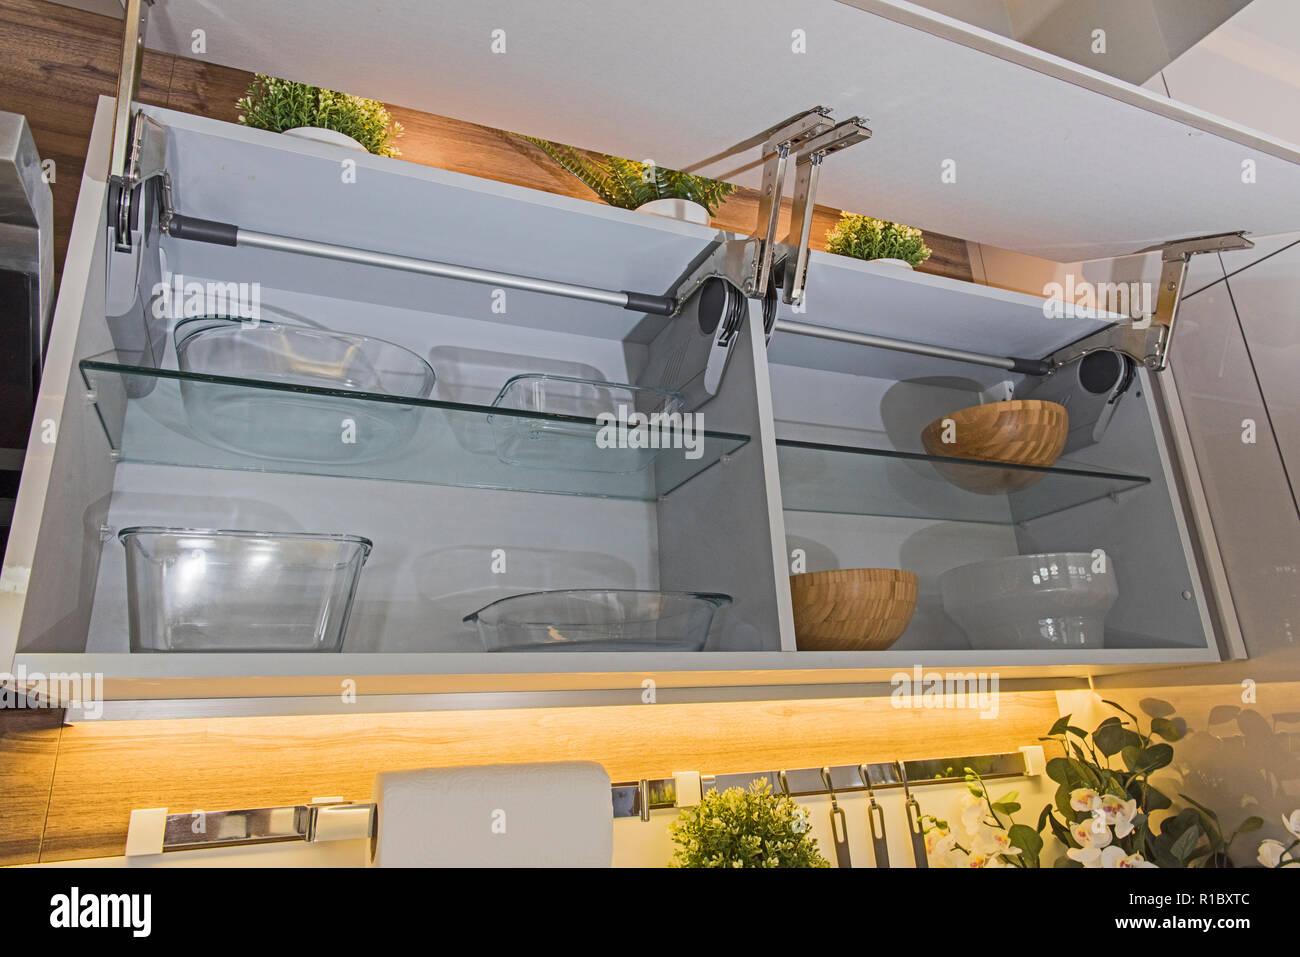 Credenza Moderna Lusso : Interior design arredamento che mostra la cucina moderna credenza